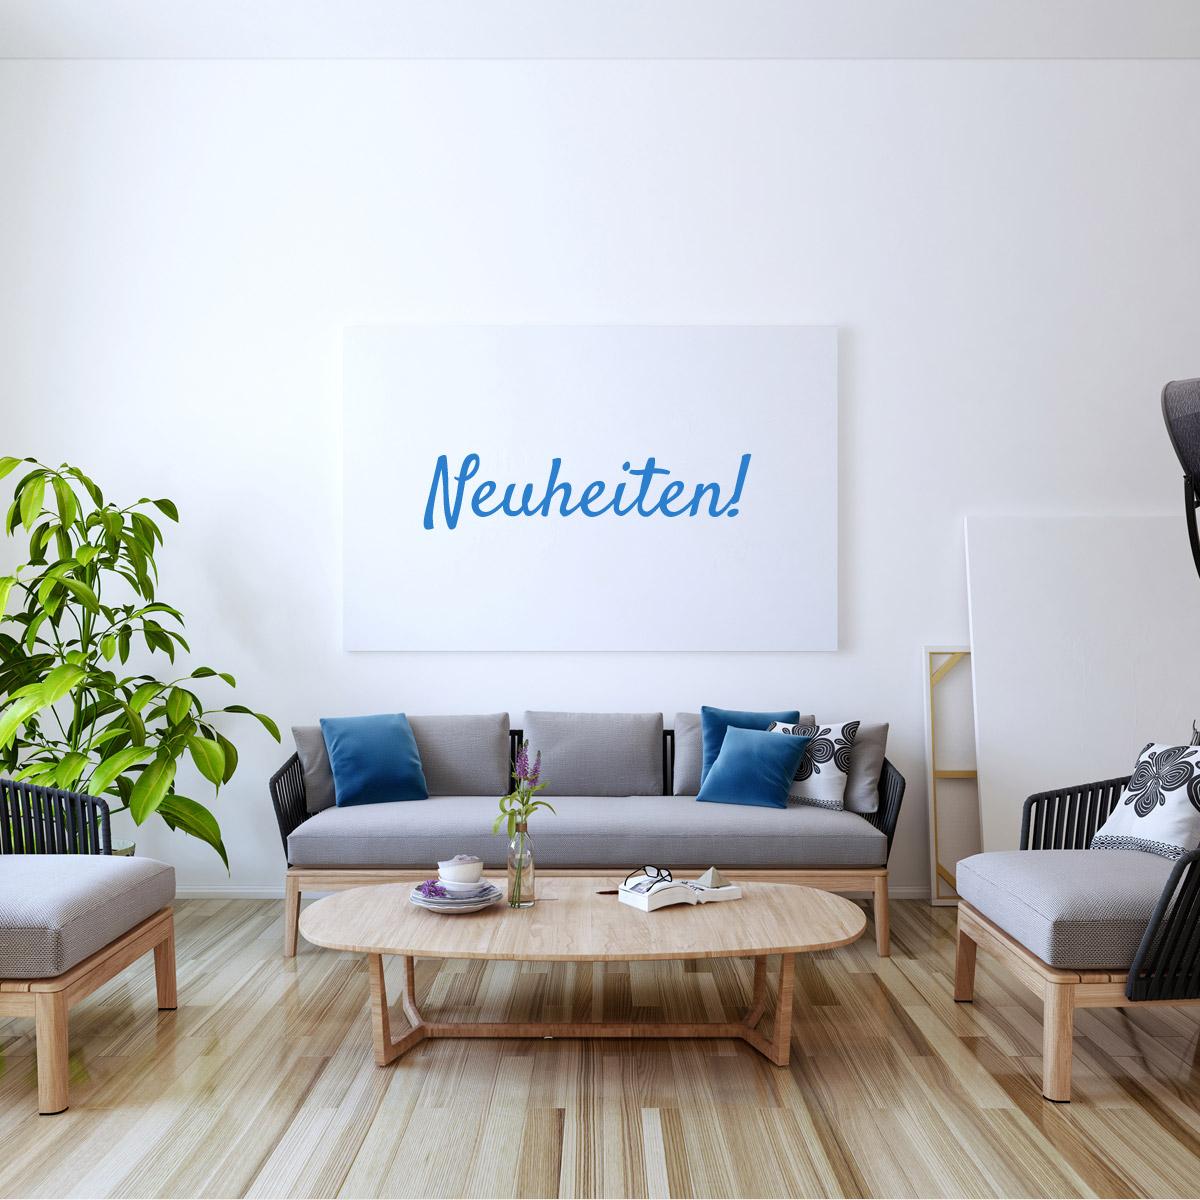 neuheiten neue handgemalte wandbilder kunstdrucke auf leinwand. Black Bedroom Furniture Sets. Home Design Ideas